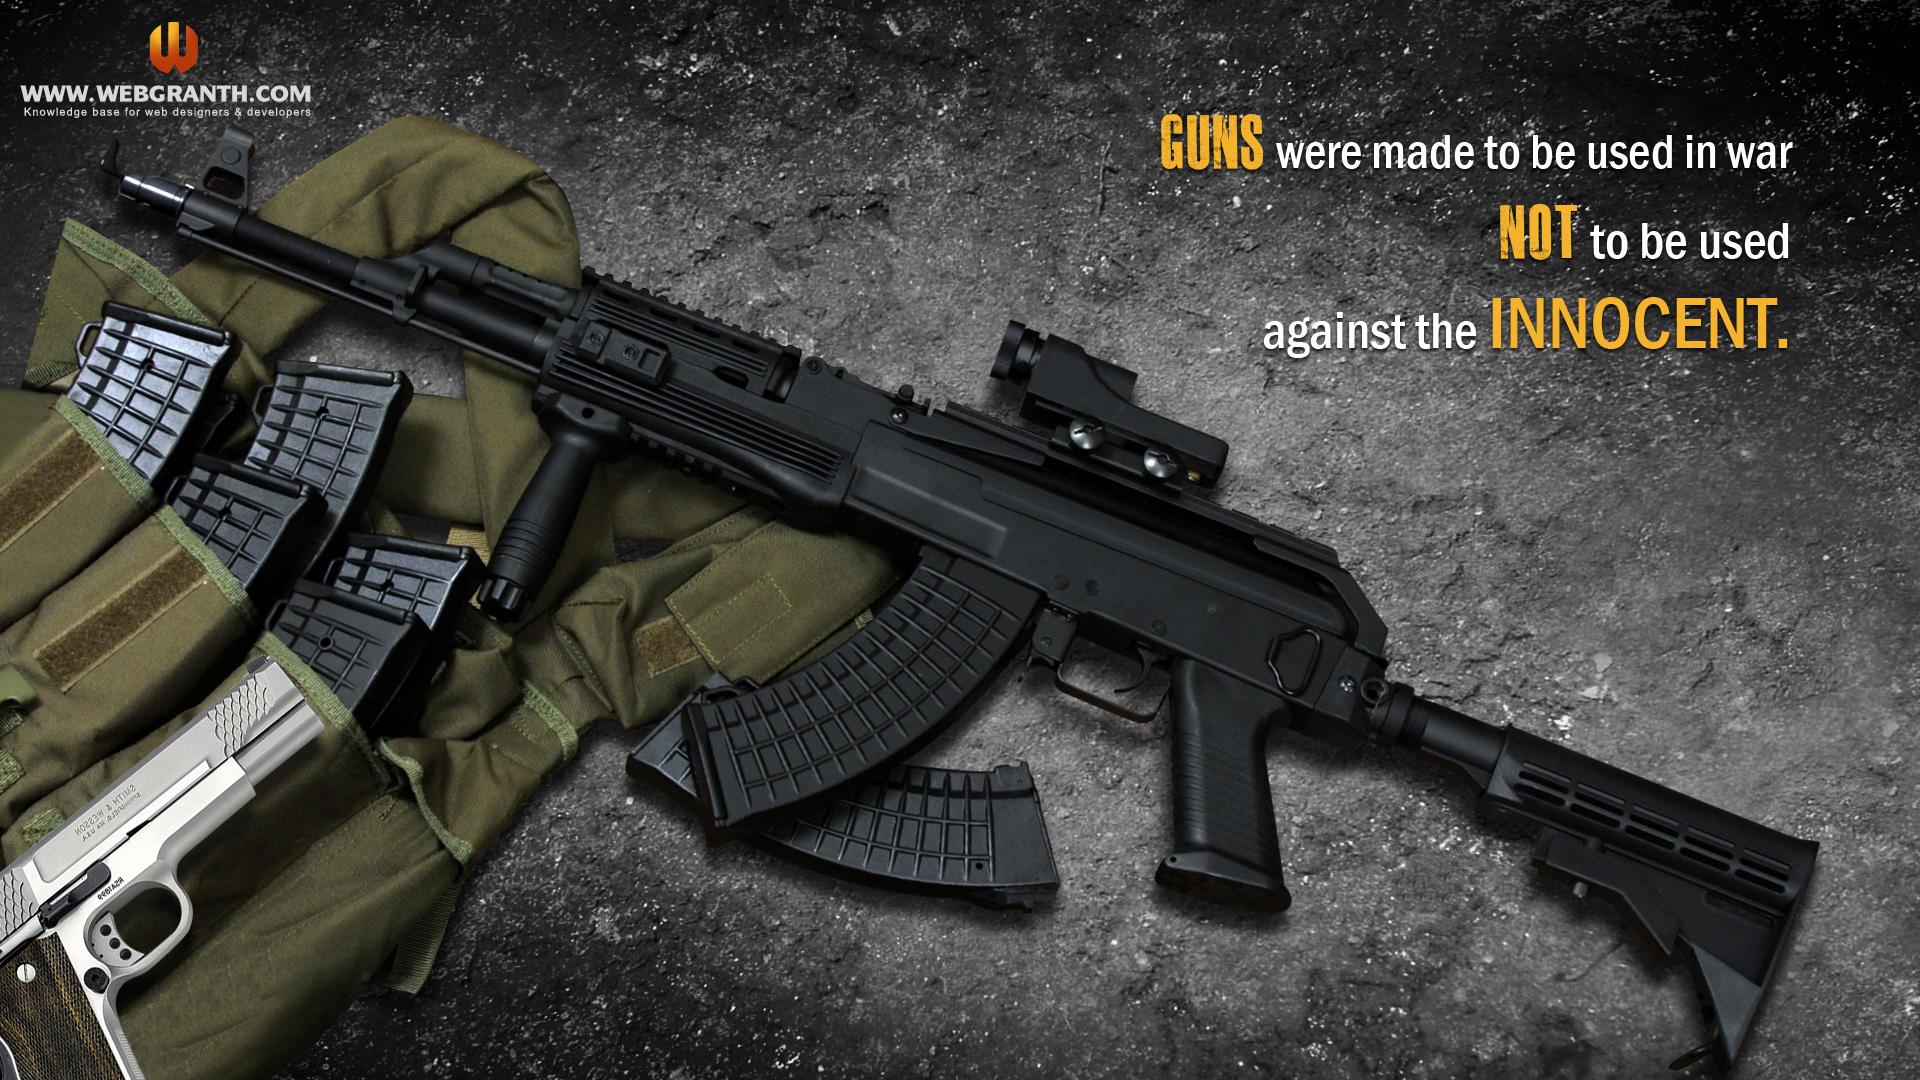 Gun Wallpaper Android Download: Gun Wallpapers For Desktop